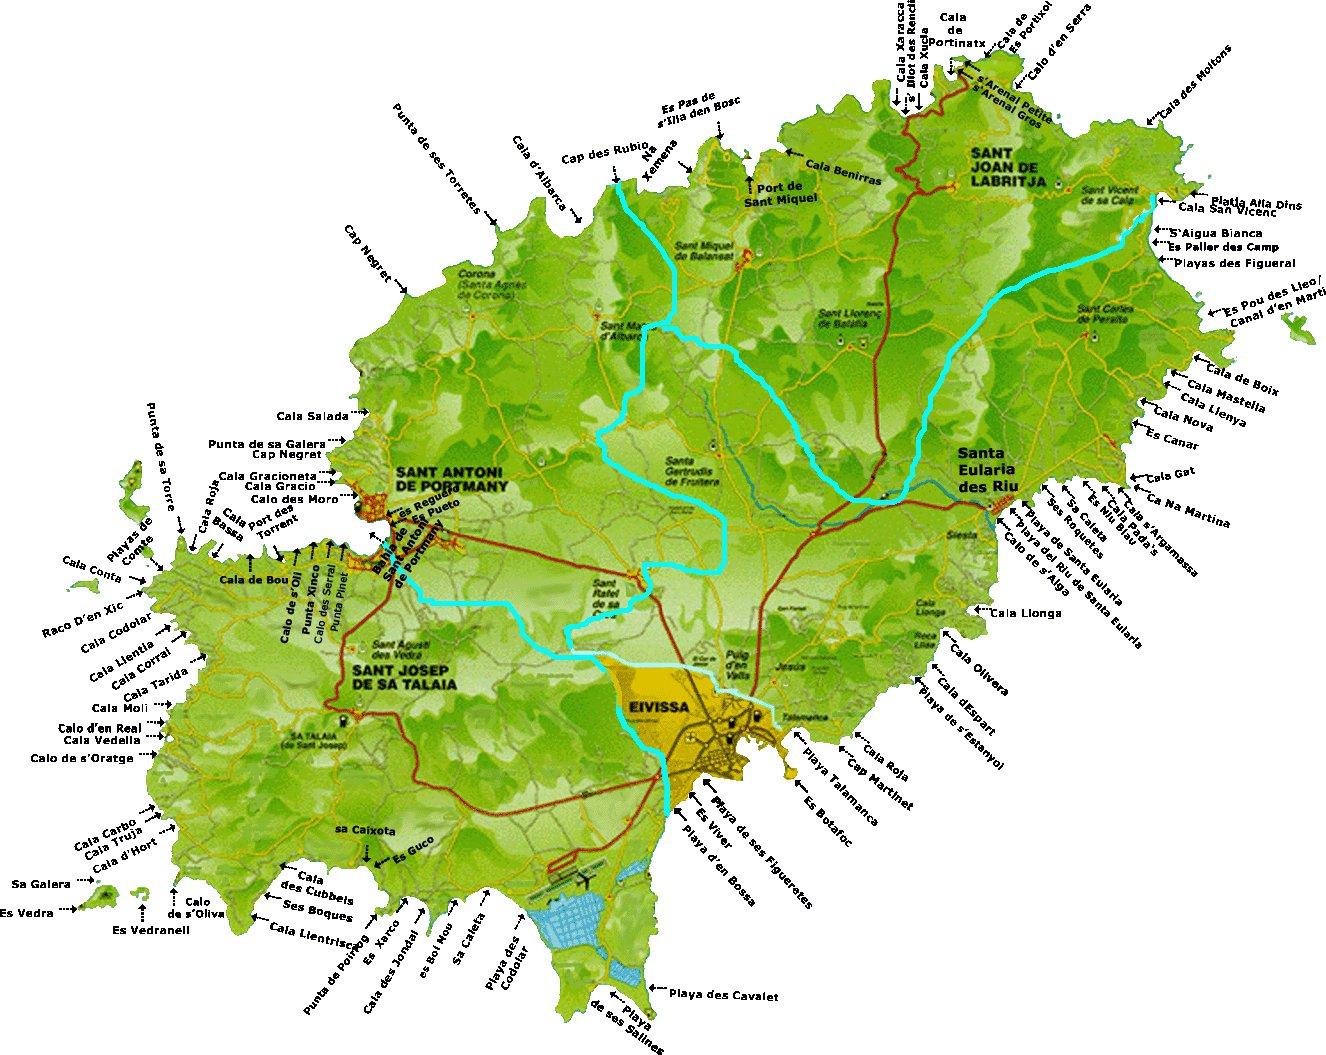 Карта тенерифе с отелями на русском языке